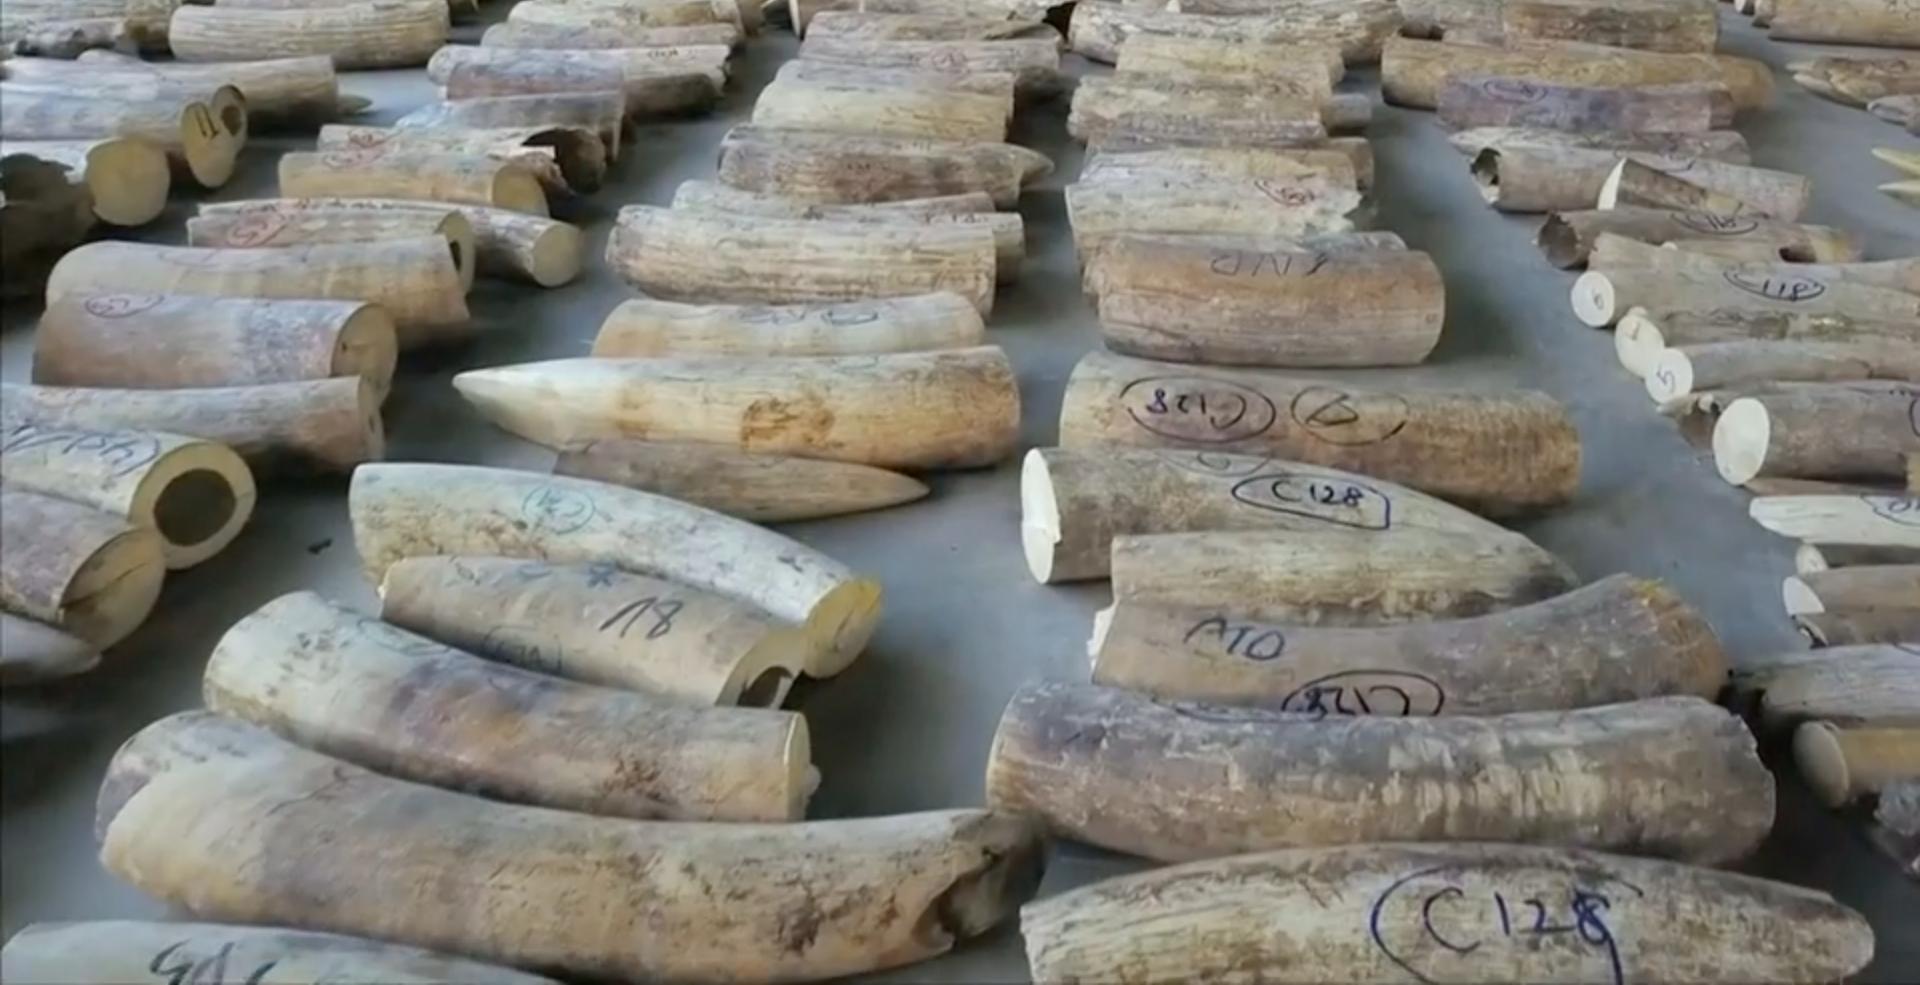 В Сингапуре обнаружена огромная партия контрабандной слоновой кости.Вокруг Света. Украина